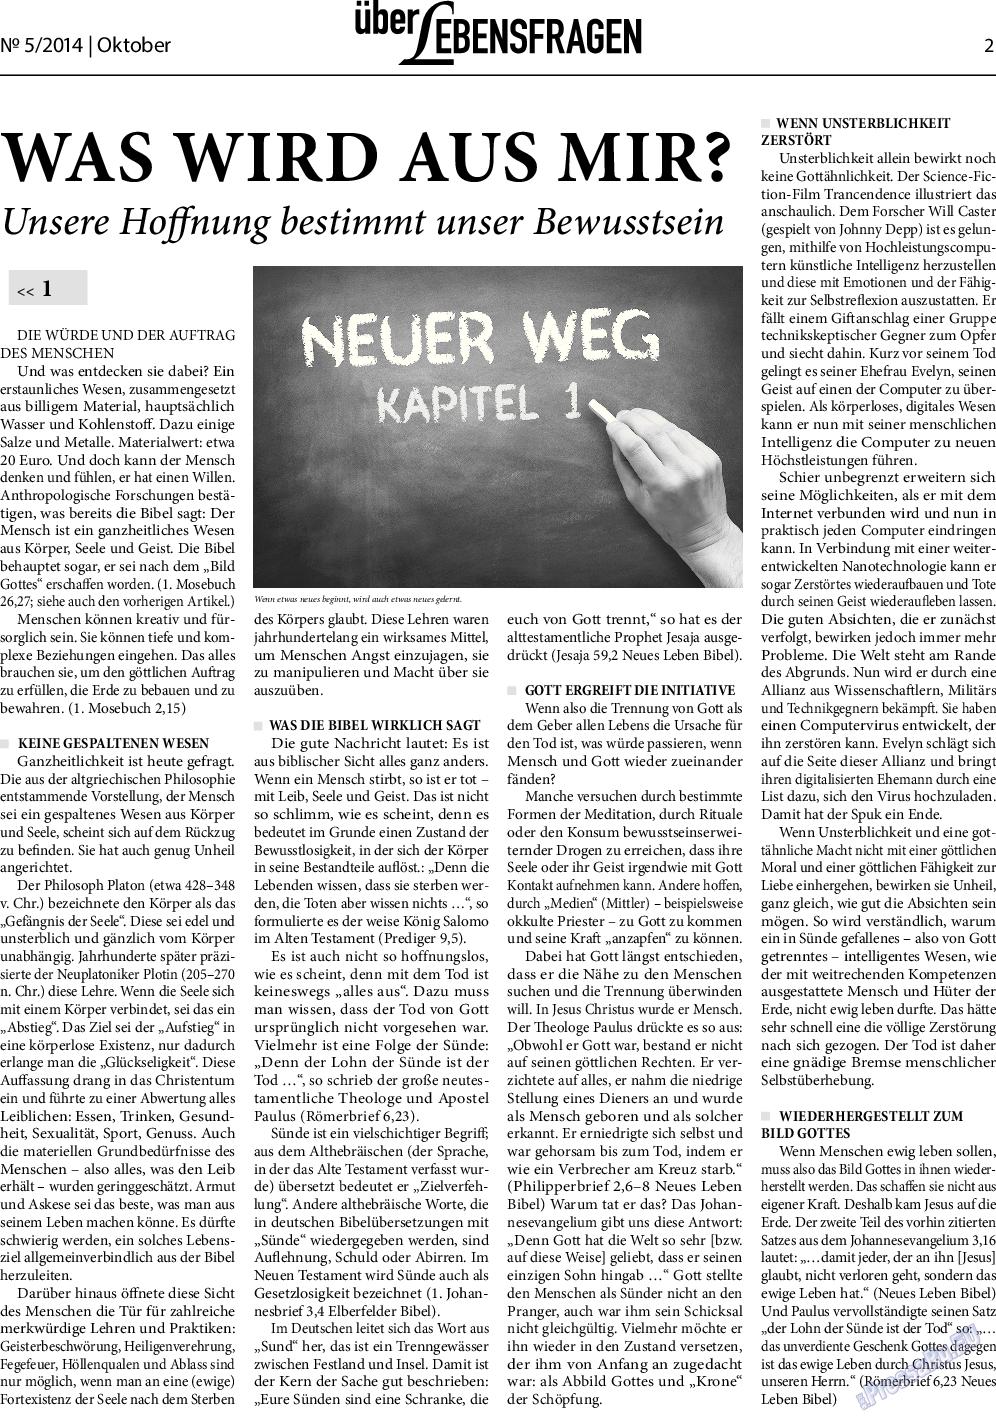 Вечное сокровище (газета). 2014 год, номер 5, стр. 22